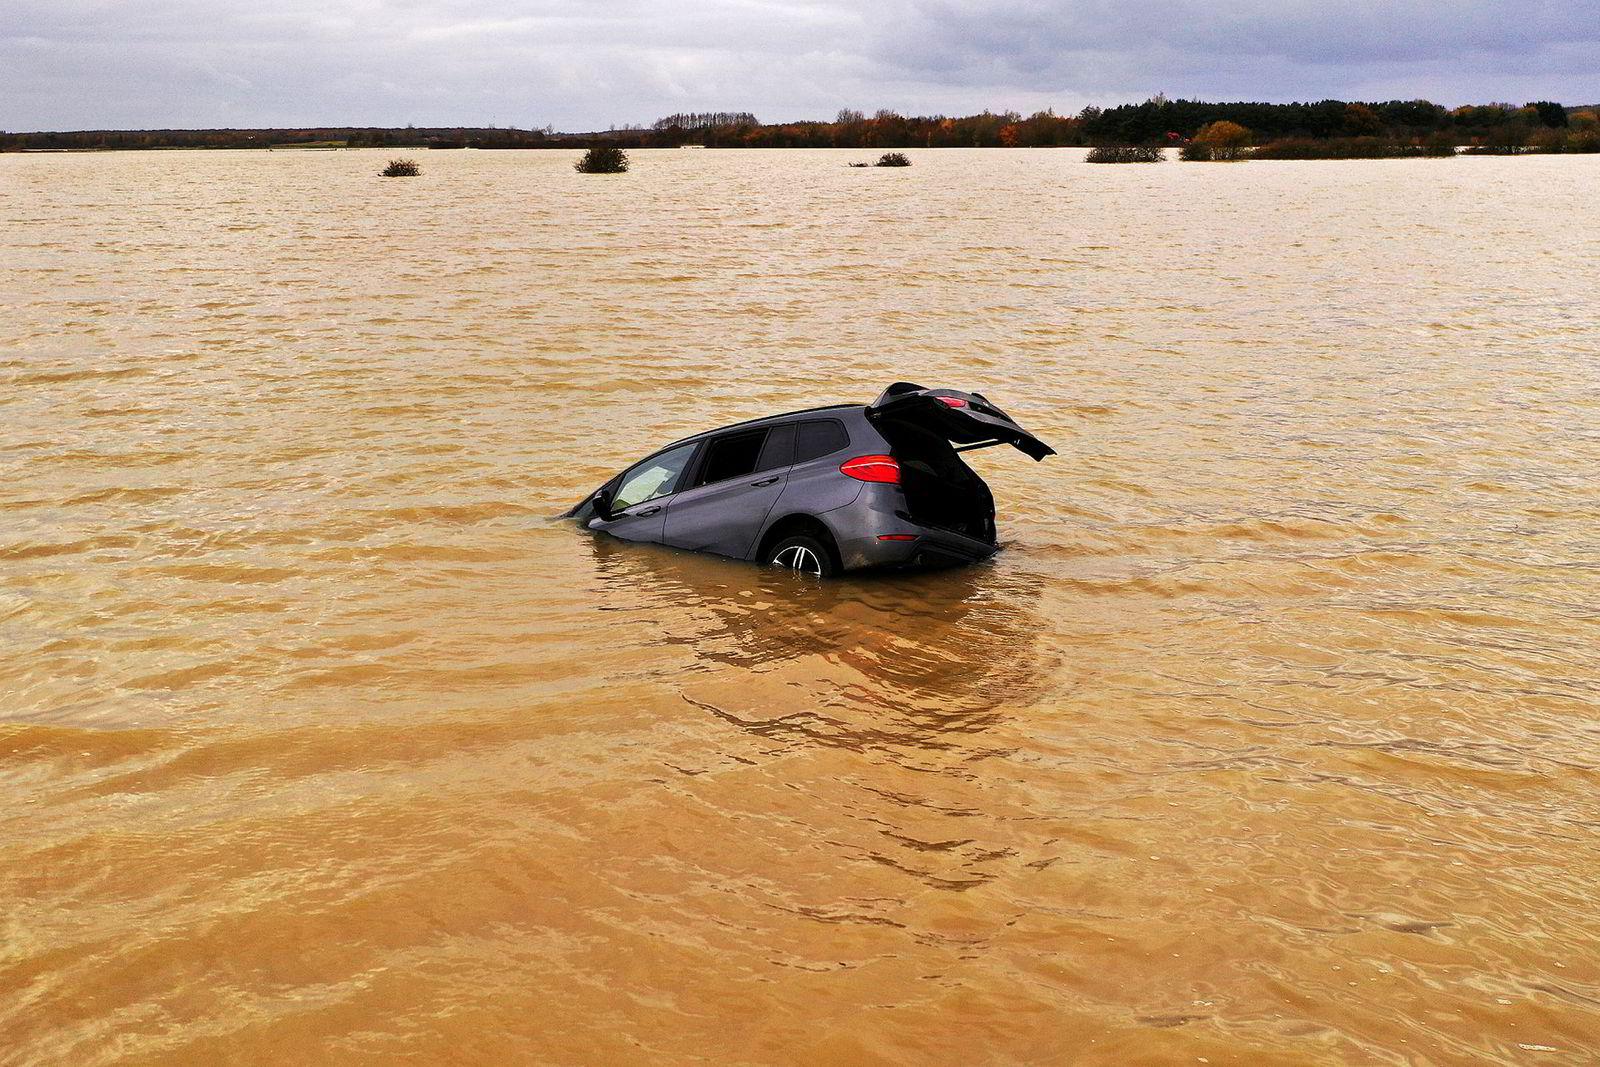 Voldsomt regn ga britene flomutfordringer i midten av november. Her har elven Eua i Lincolnshire, England gått over sine bredder og fanget en bil i vannmassene.